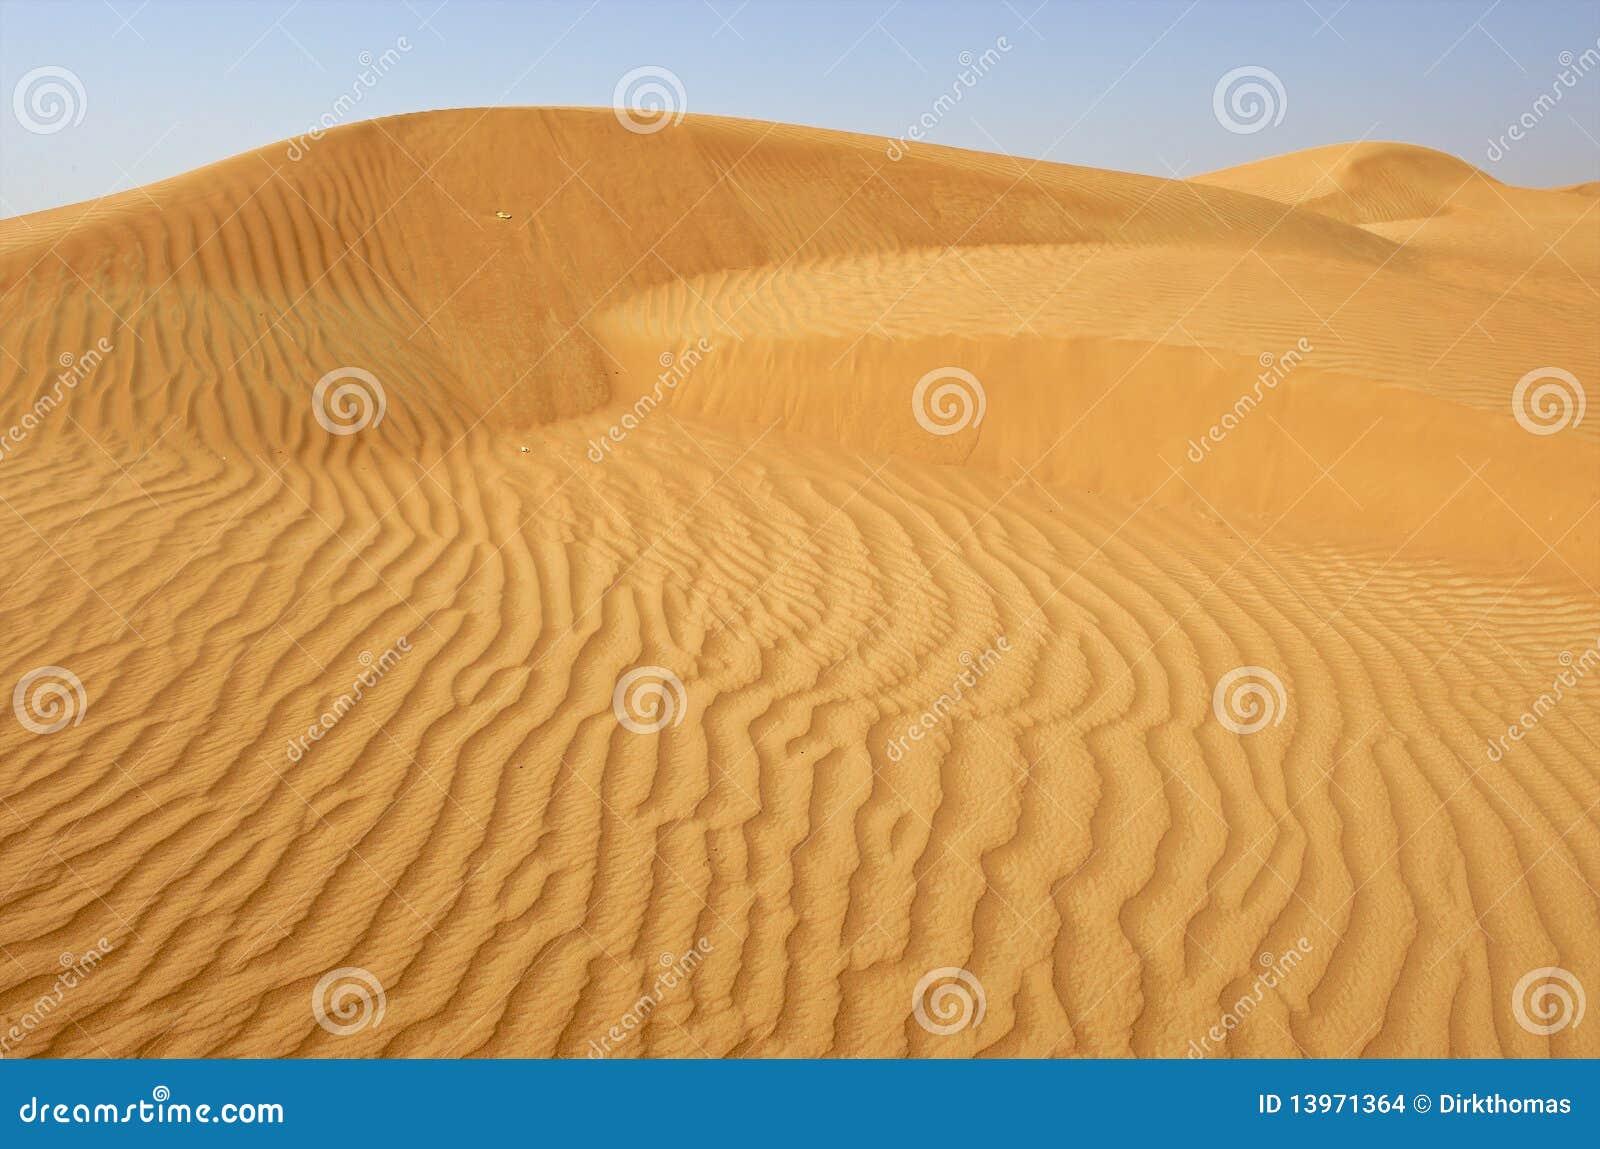 Dubai, sanddune in the desert